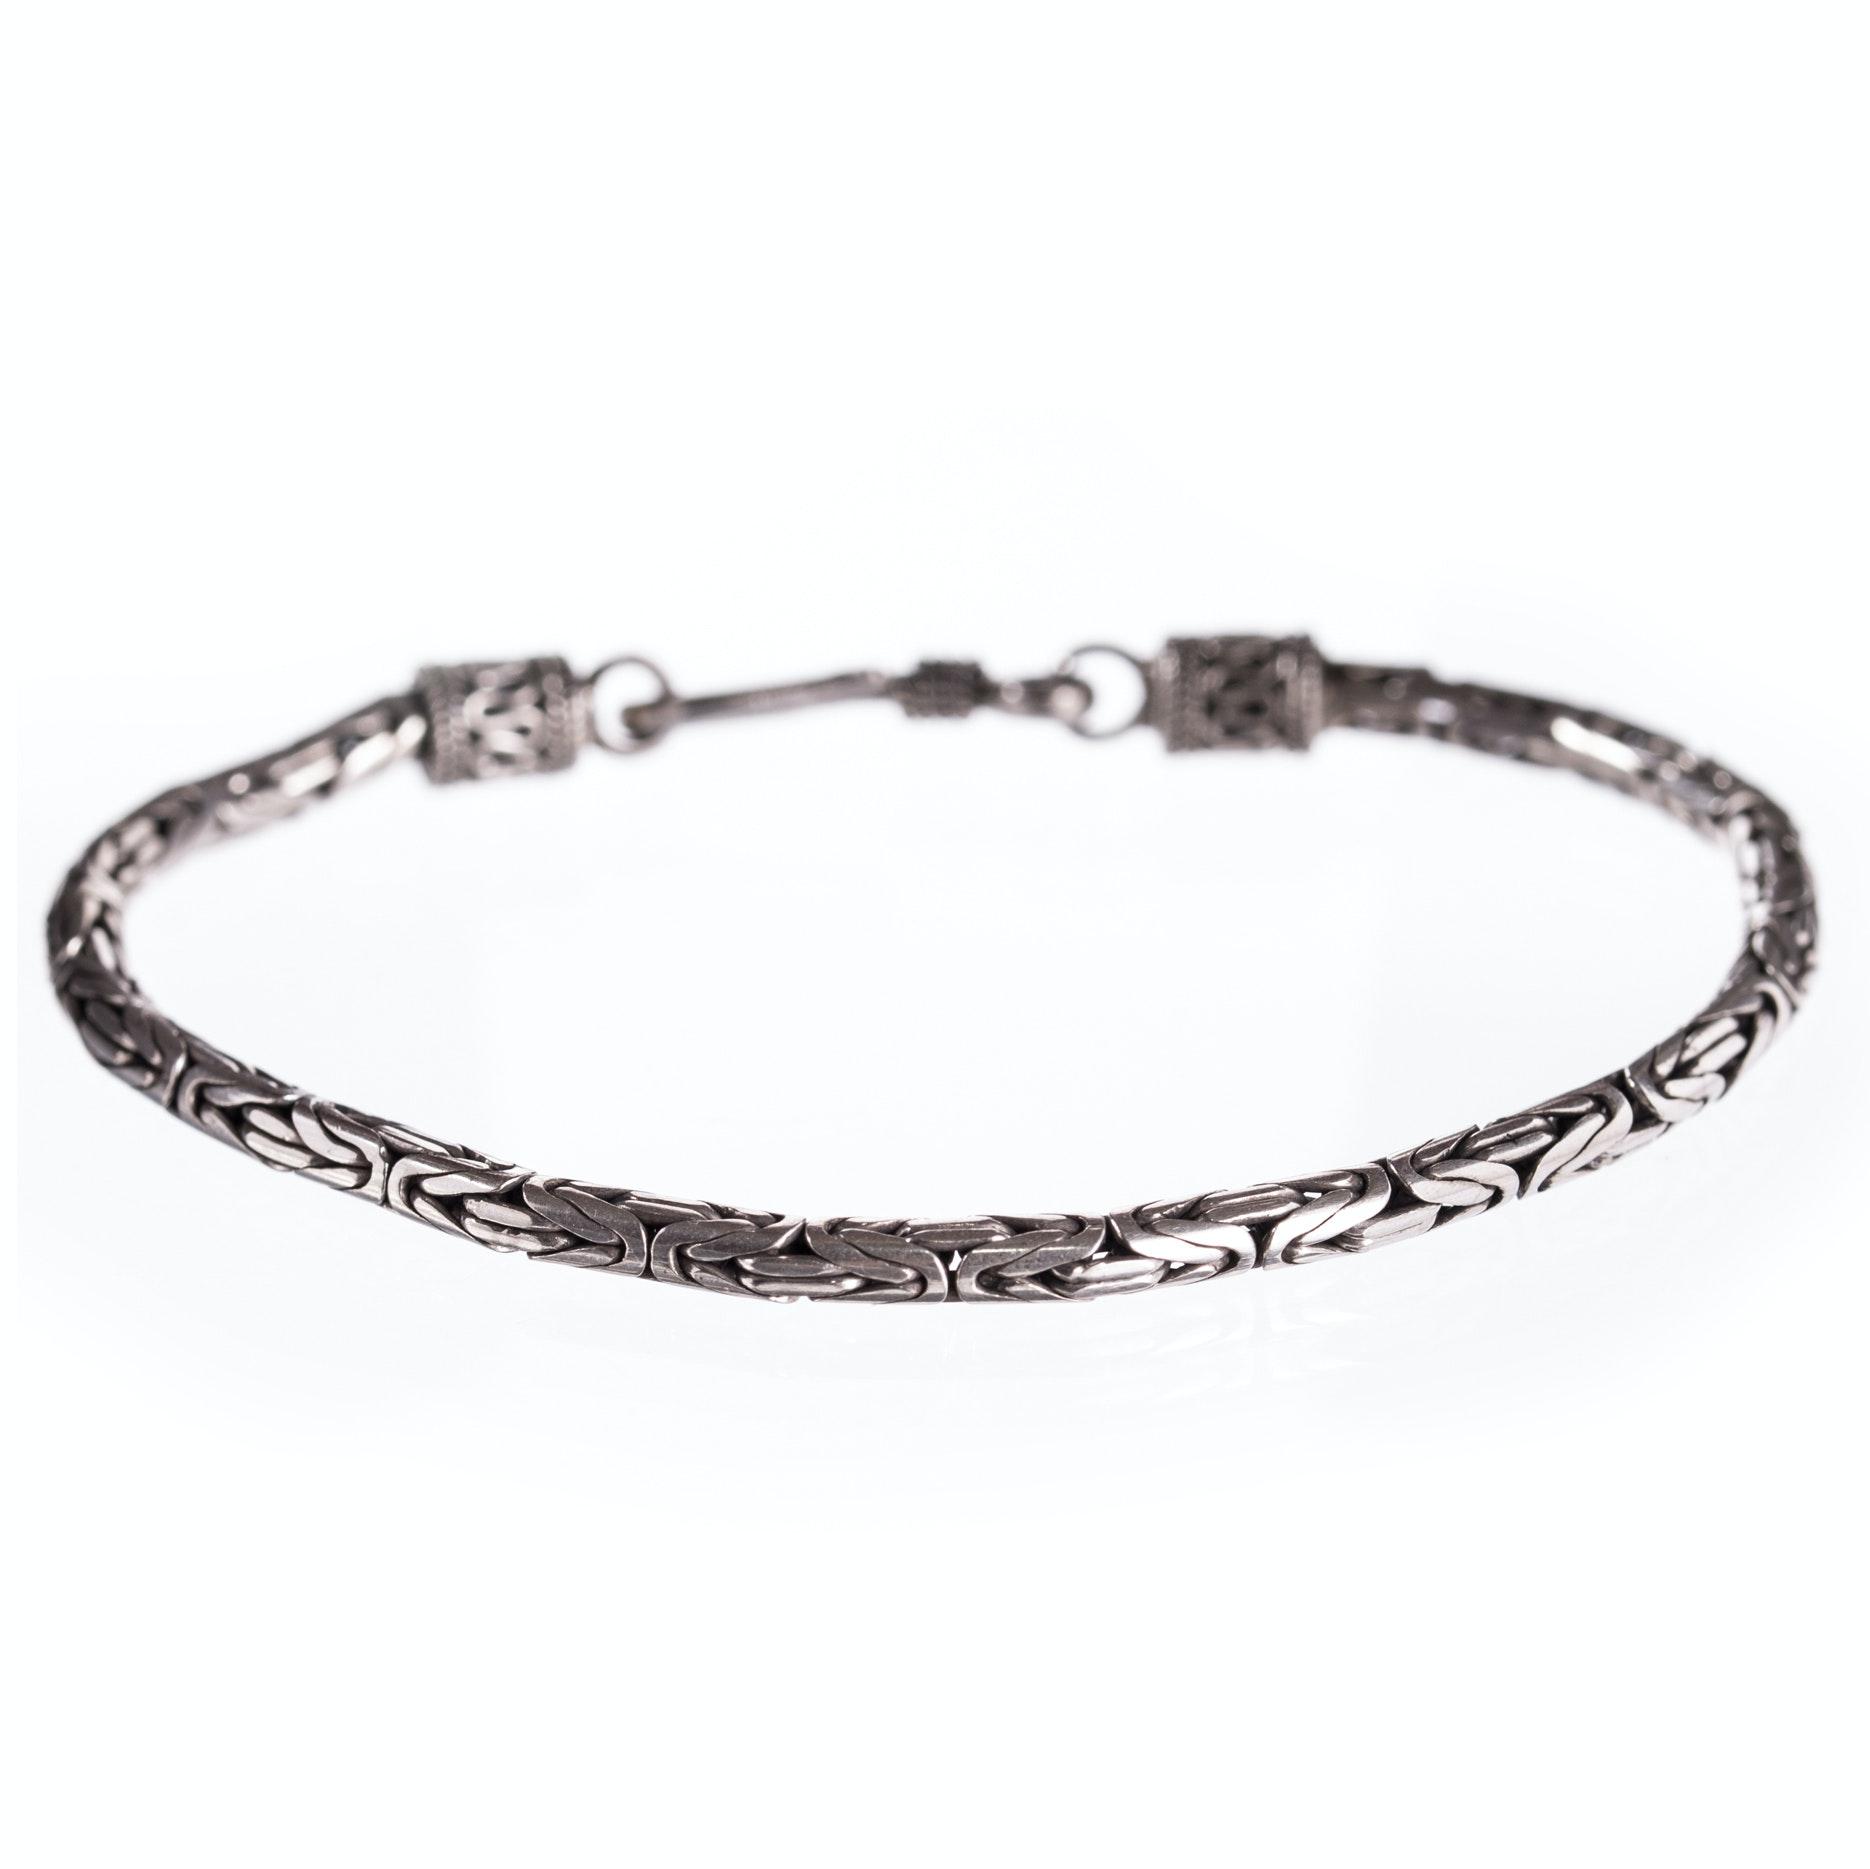 Sterling Silver Interlocking Link Bracelet